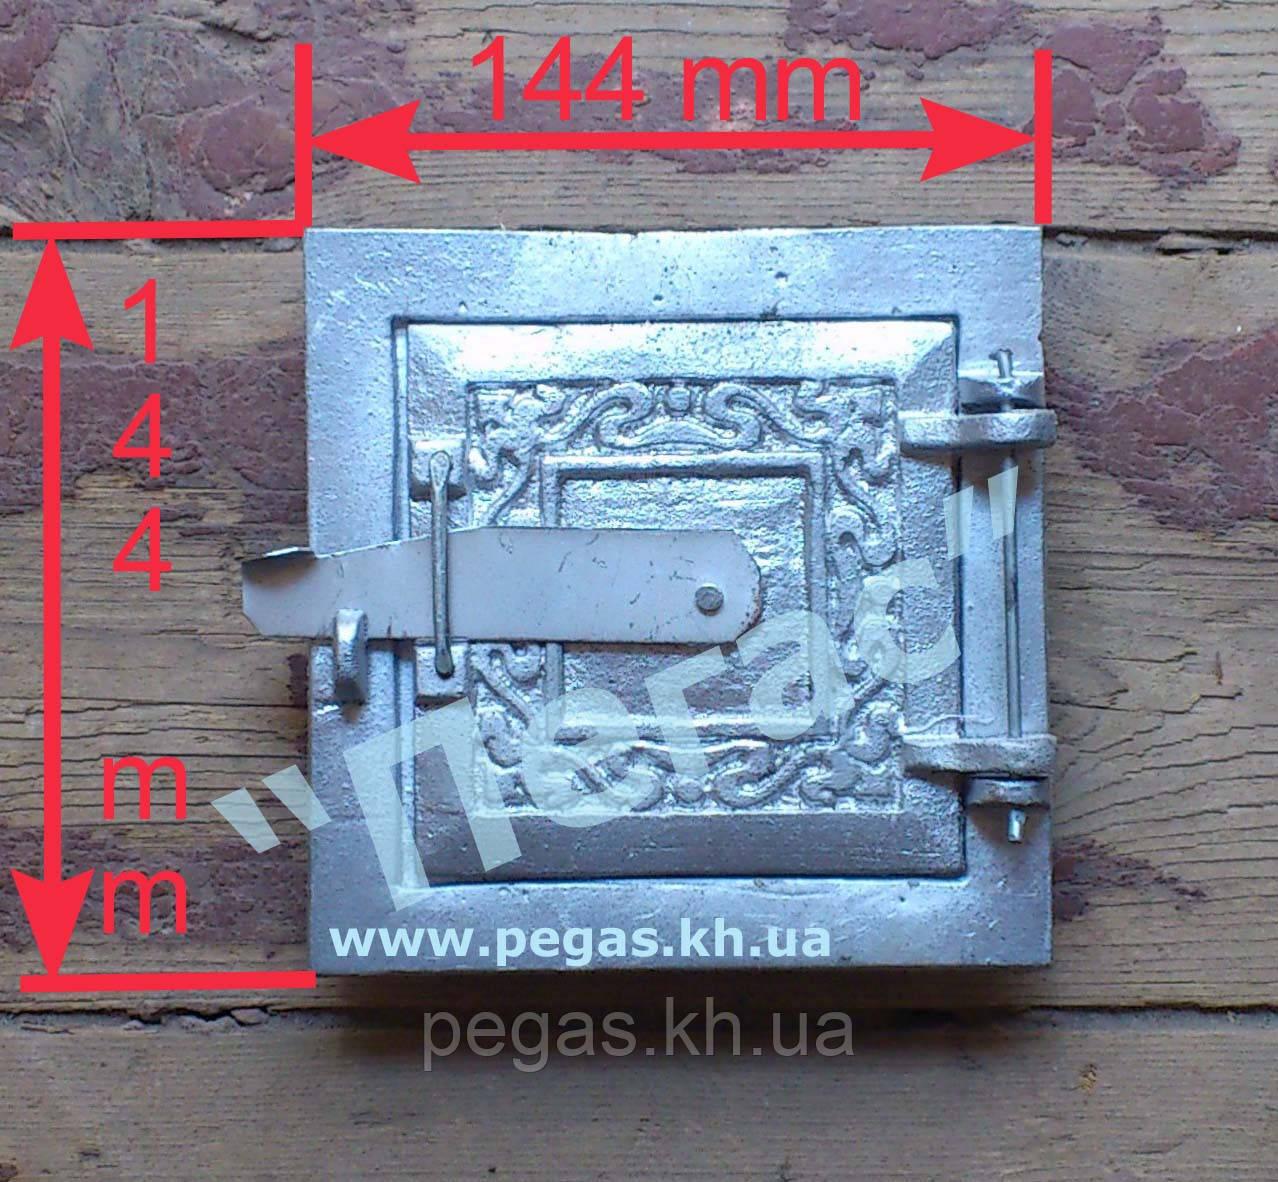 Дверка печная (алюминиевая) (100х100 мм) сажетруска, сажечистка